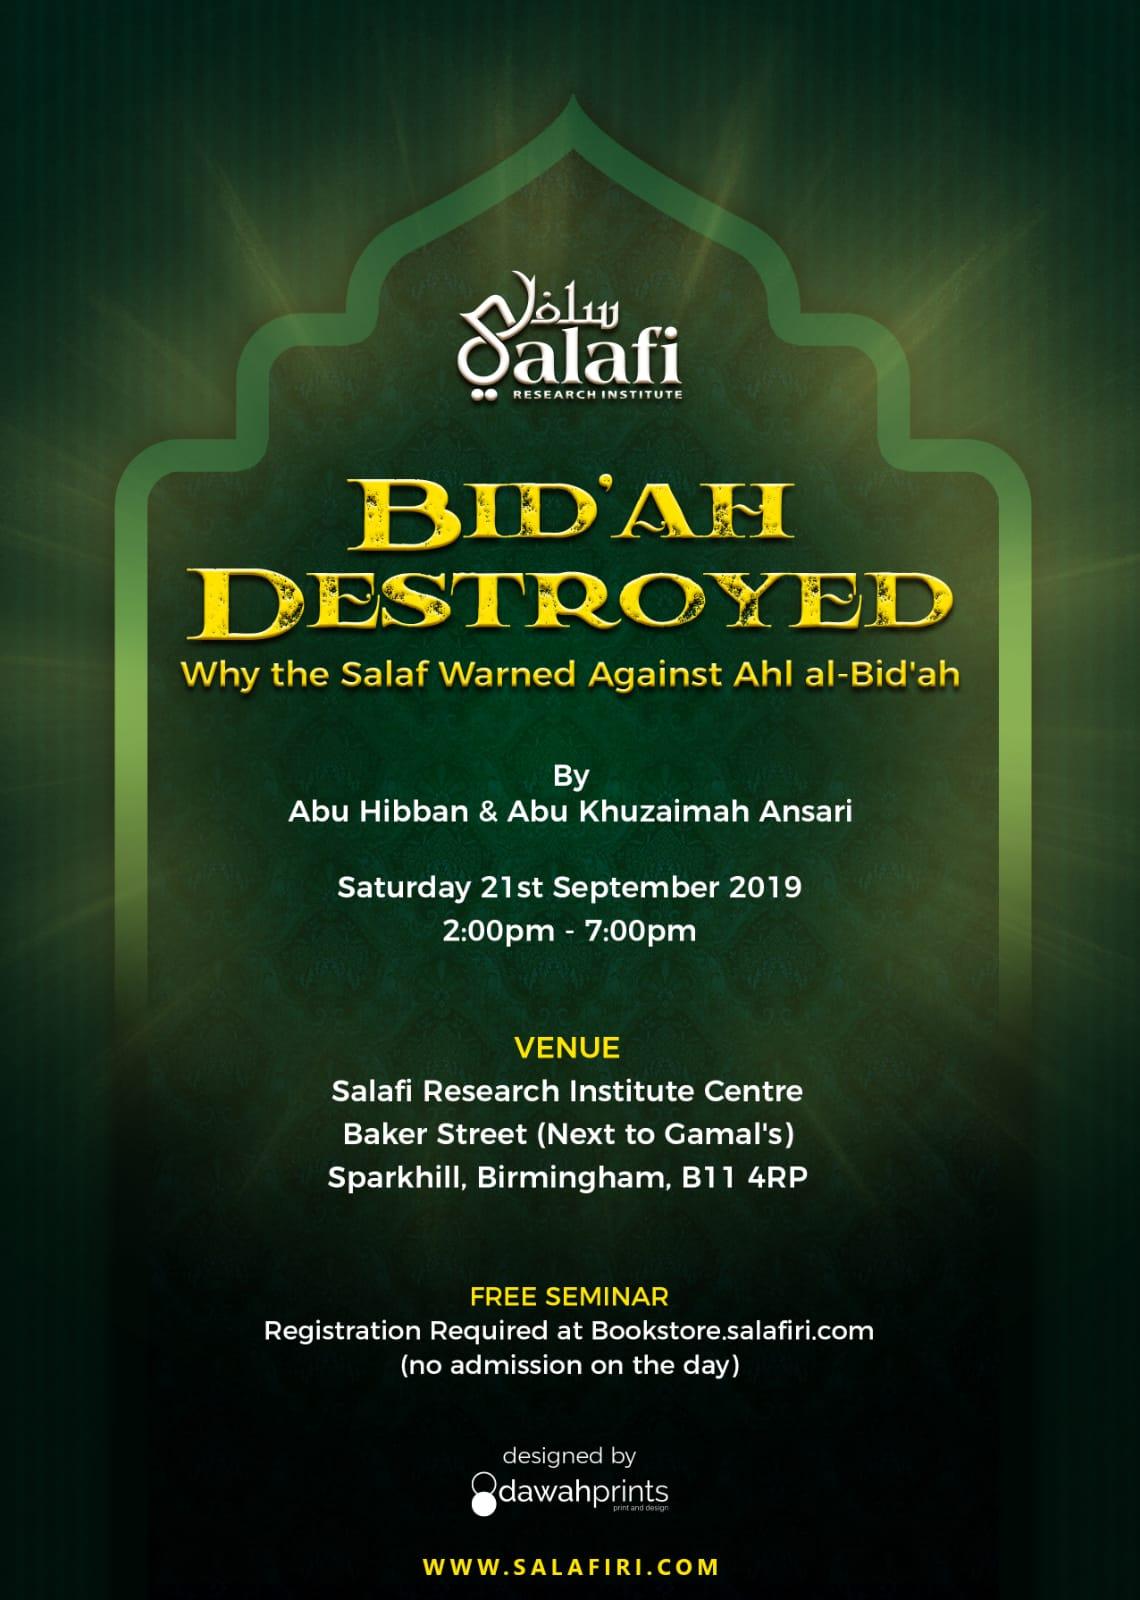 Image of SEMINAR - BID'AH DESTROYED - Why The Salaf Warned Against Ahl al-Bid'ah